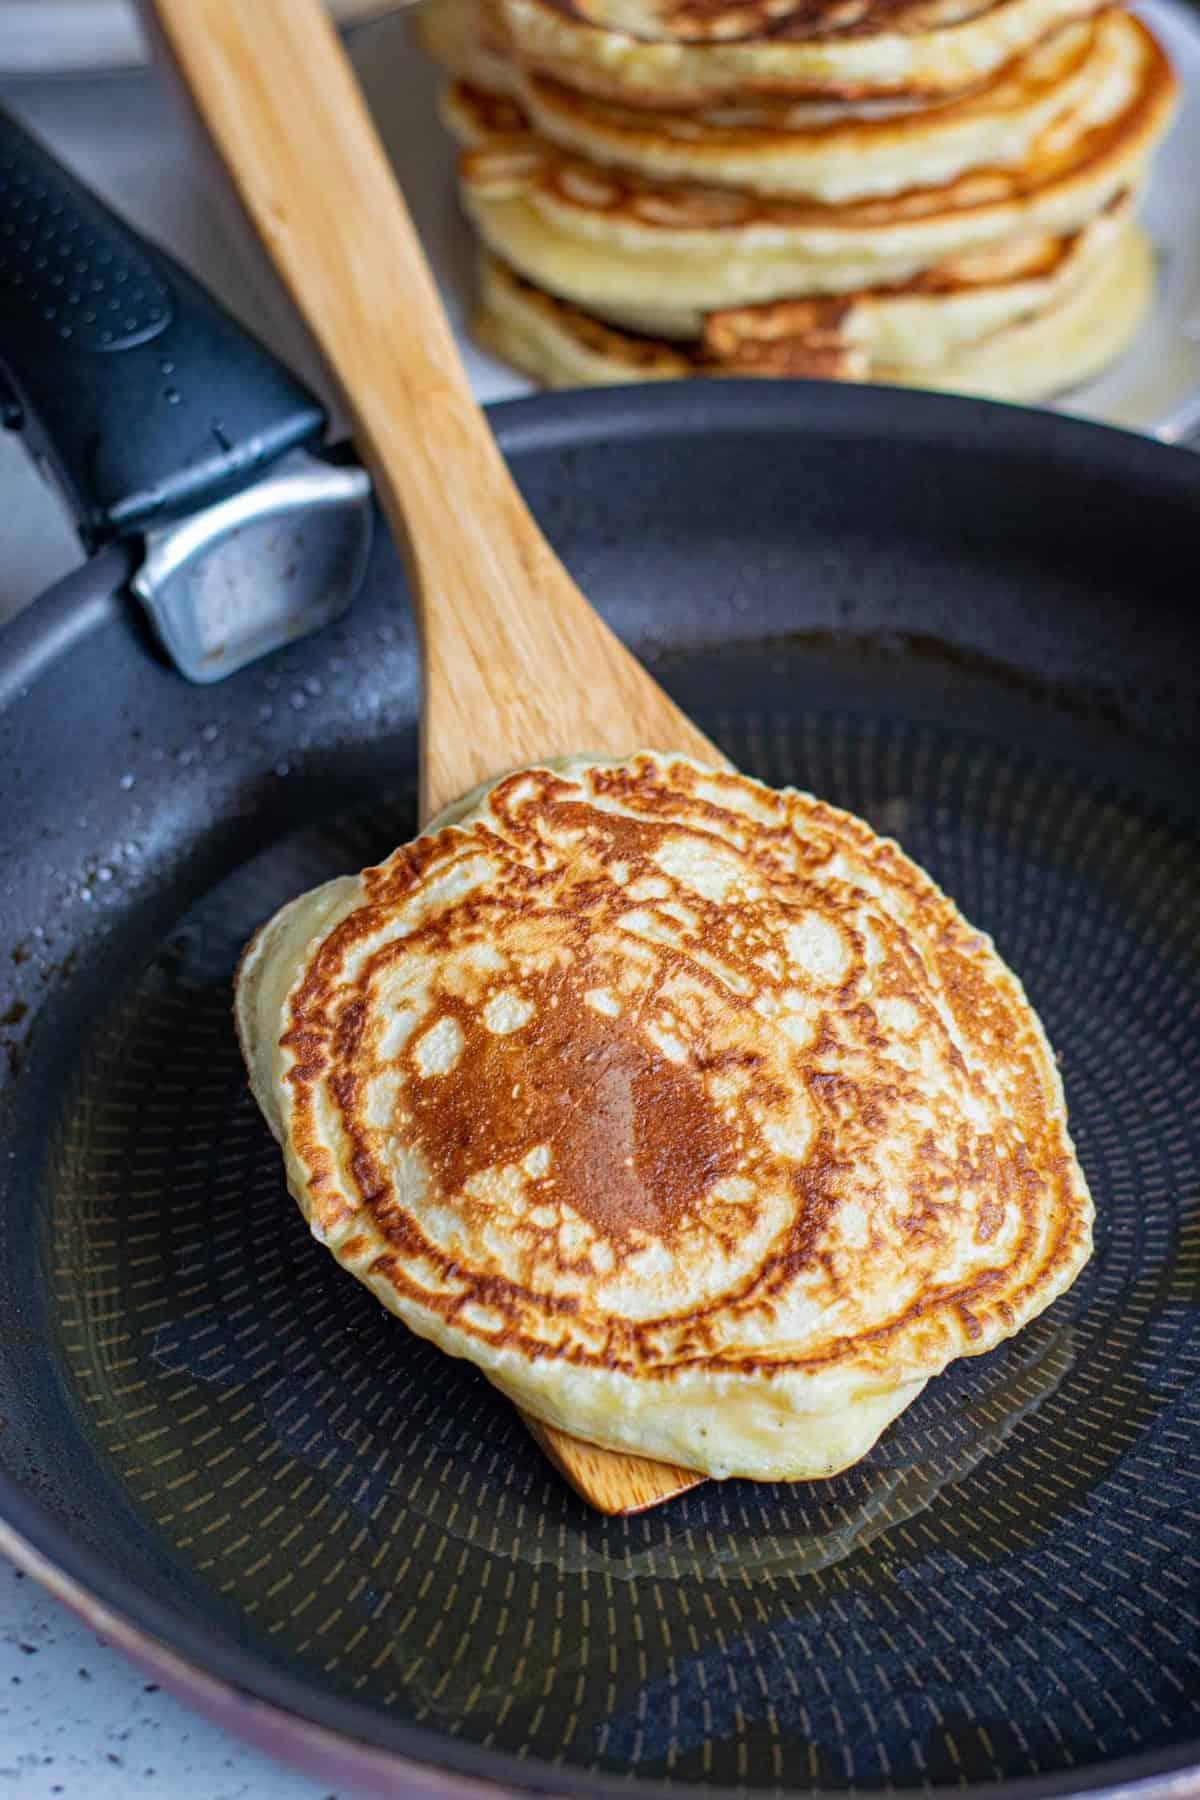 Pancake on a wooden spatula.